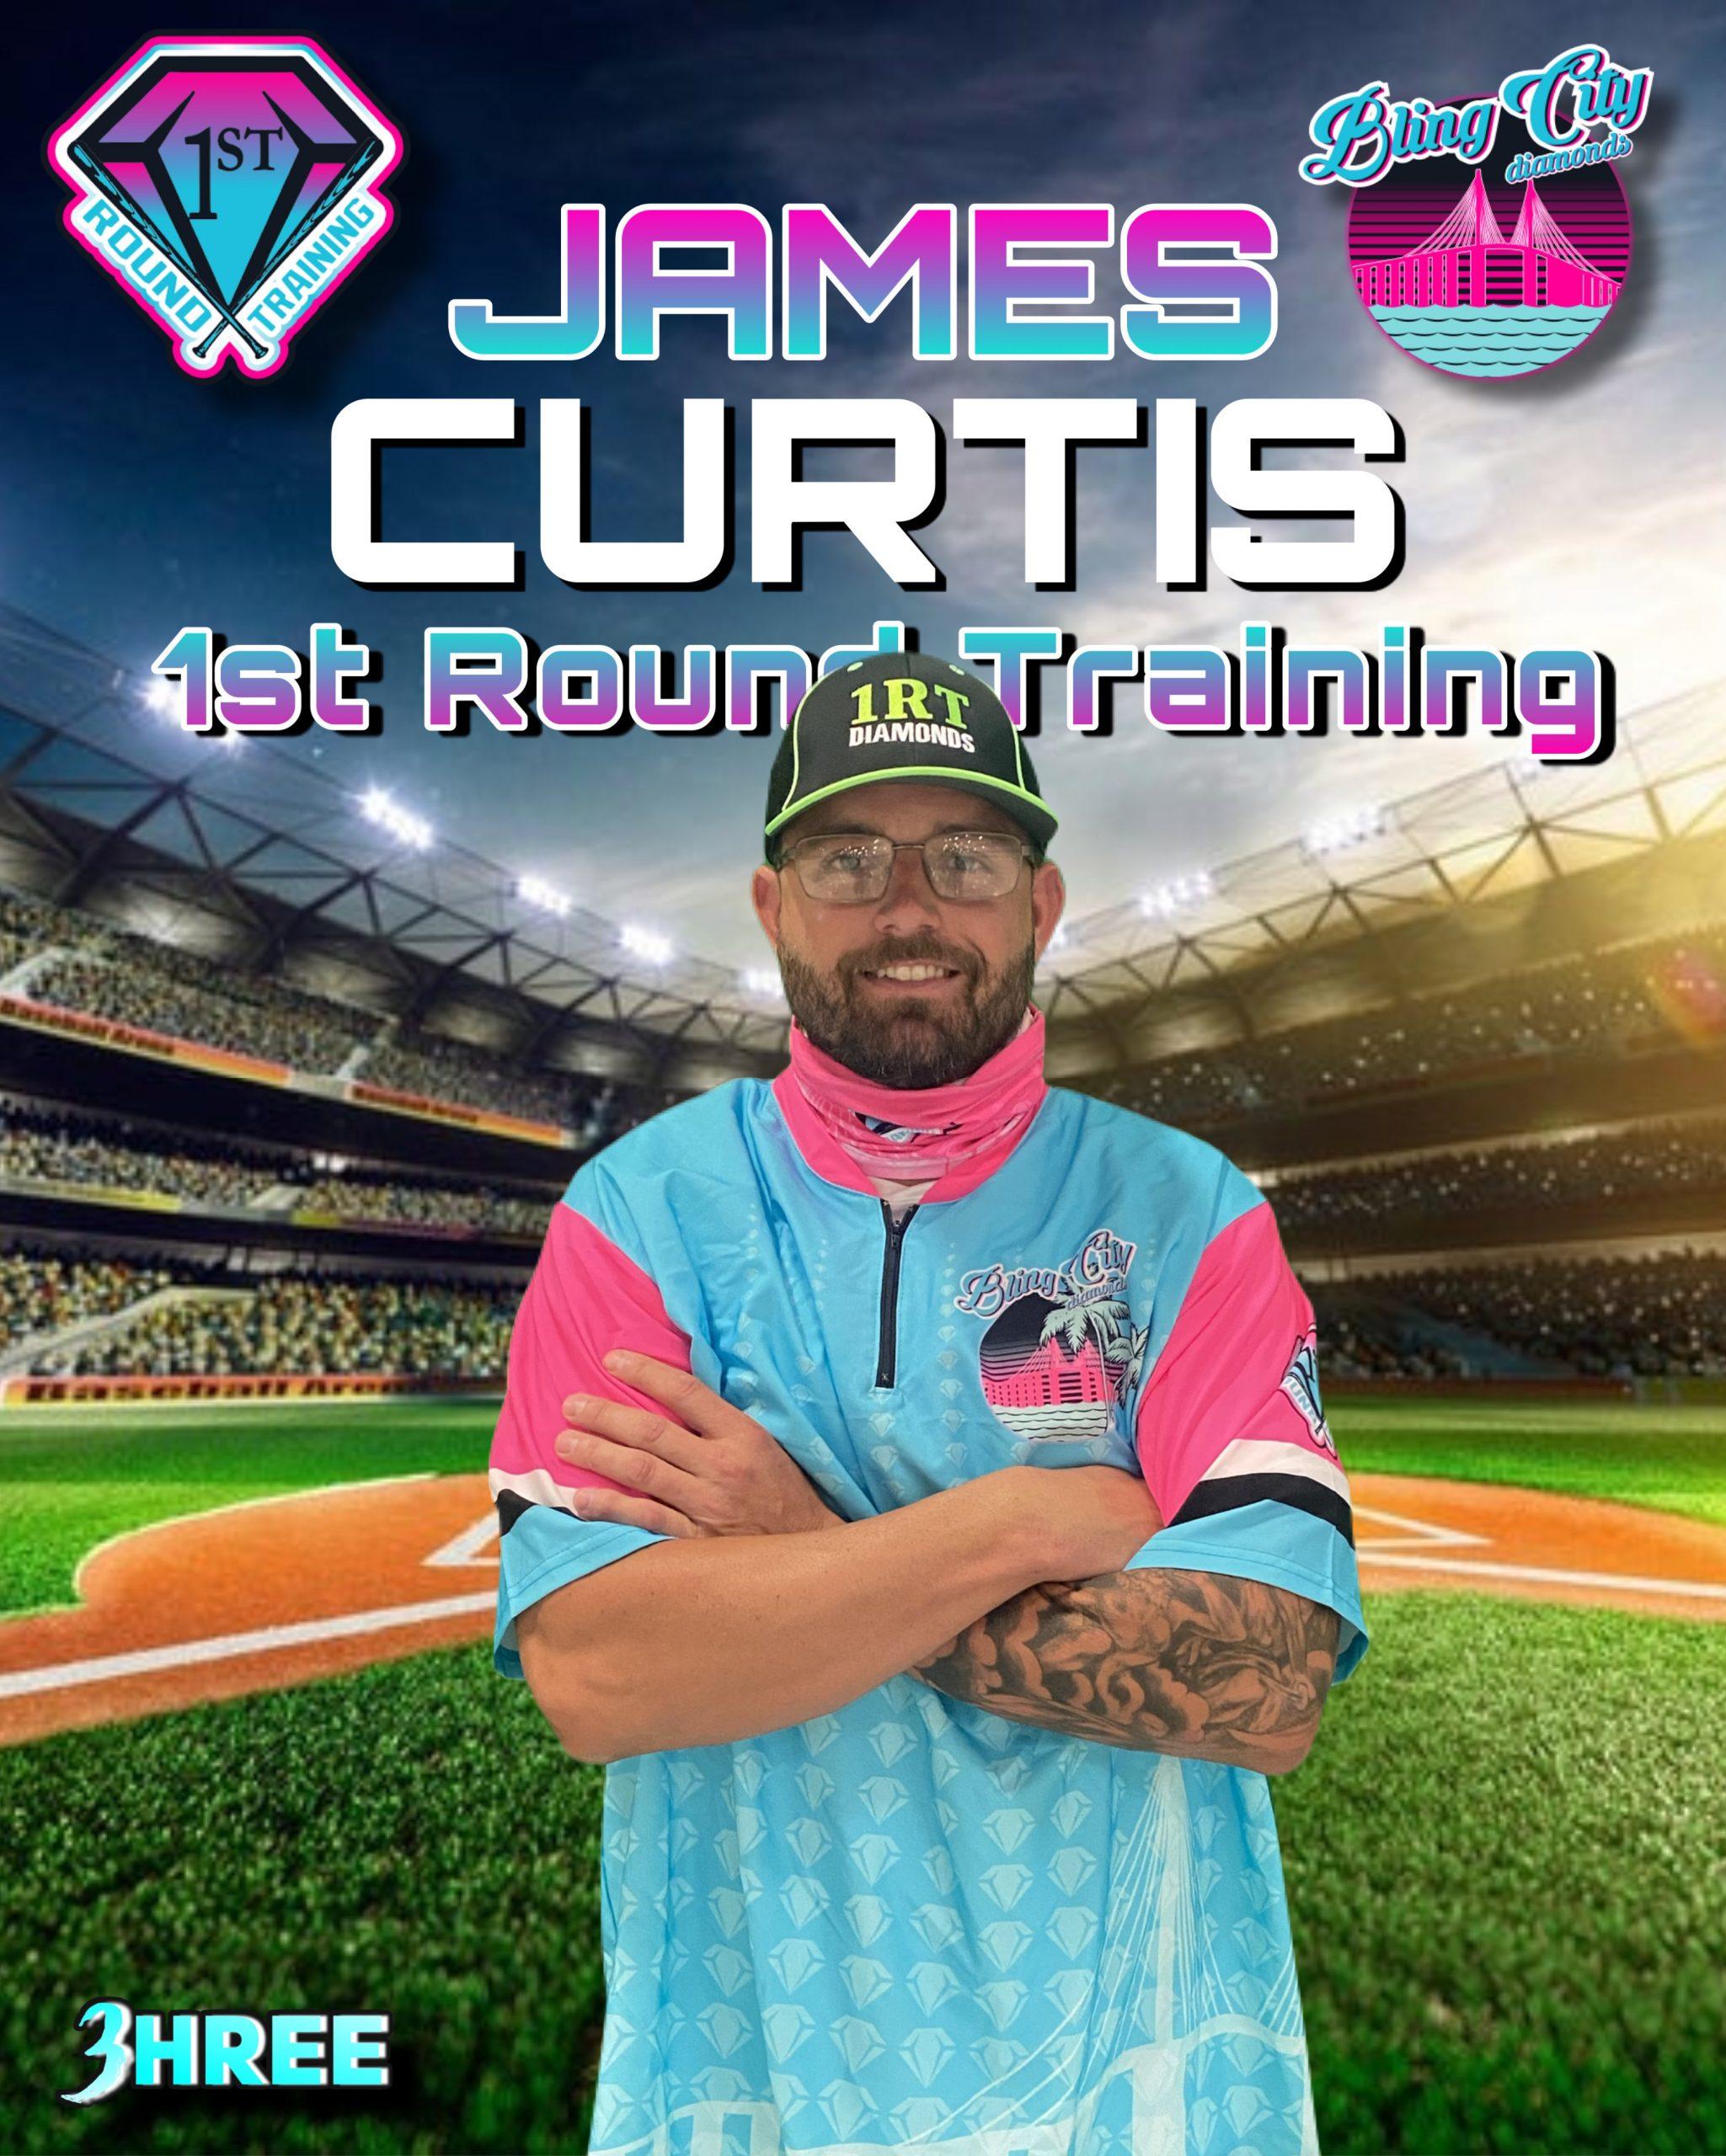 James Curtis